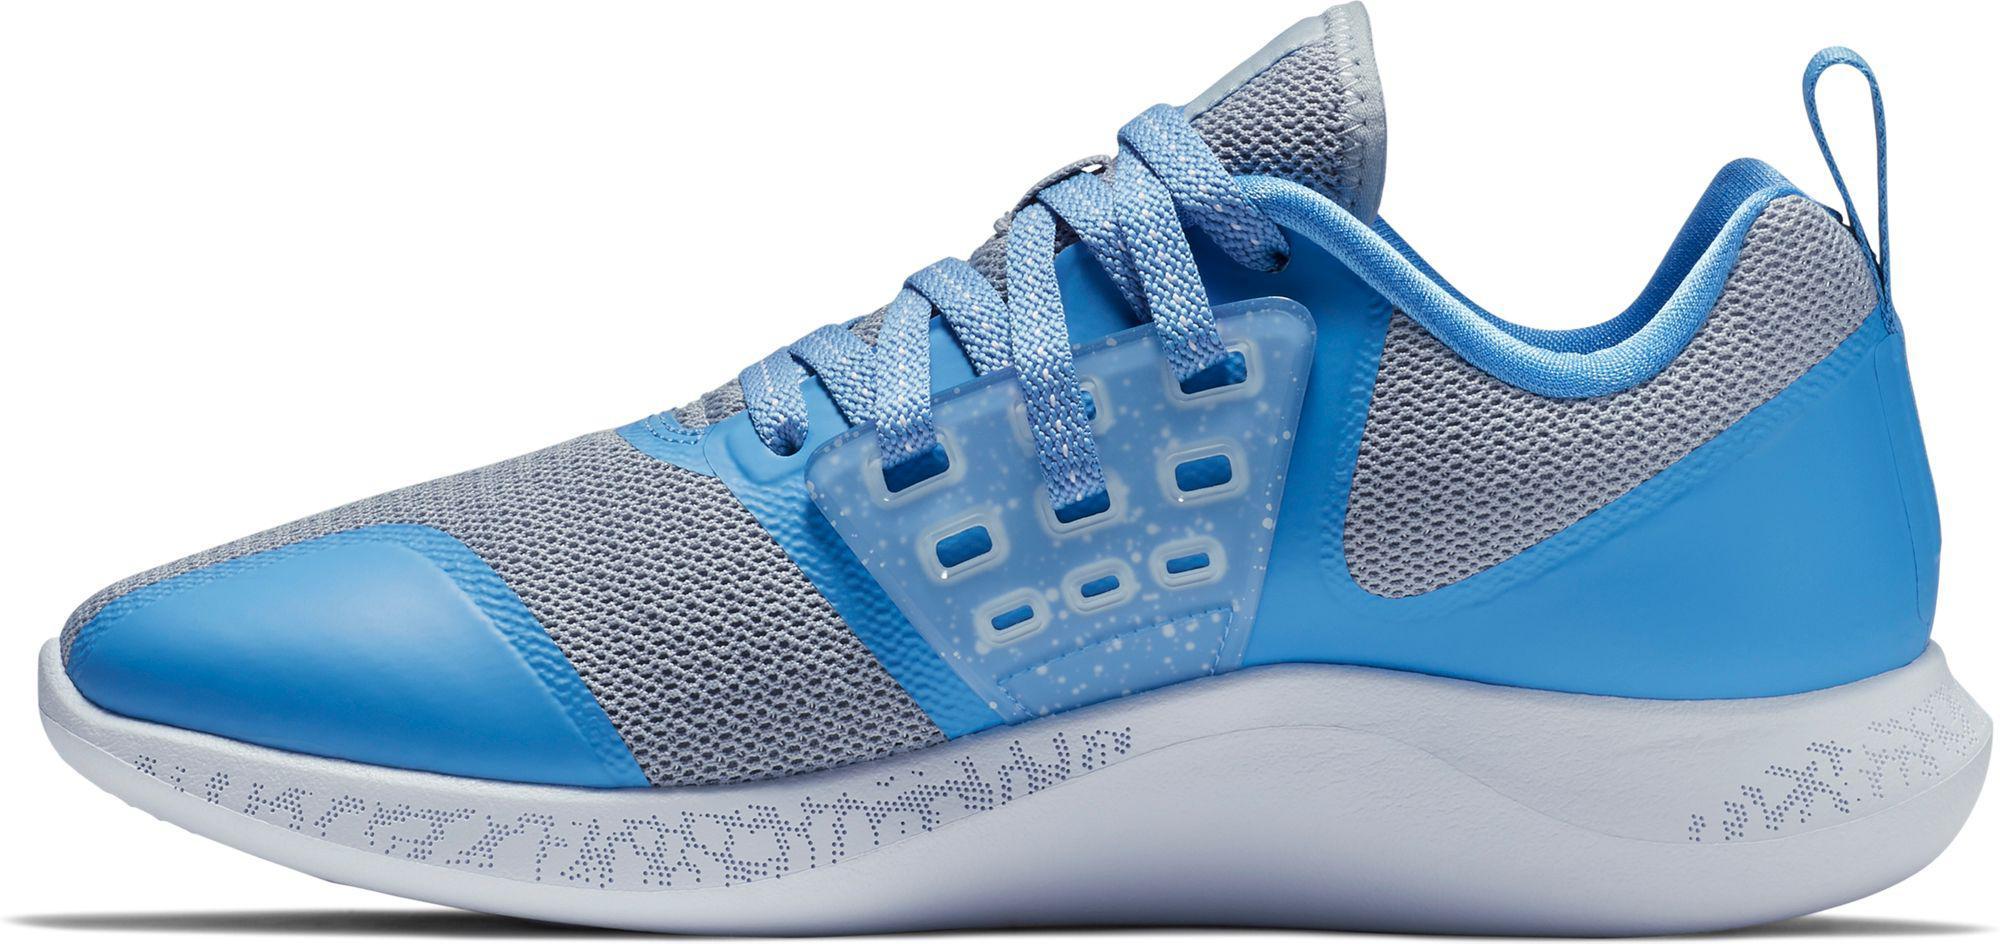 c9da98e4f3066e Lyst - Nike Lunar Grind Training Shoes in Blue for Men